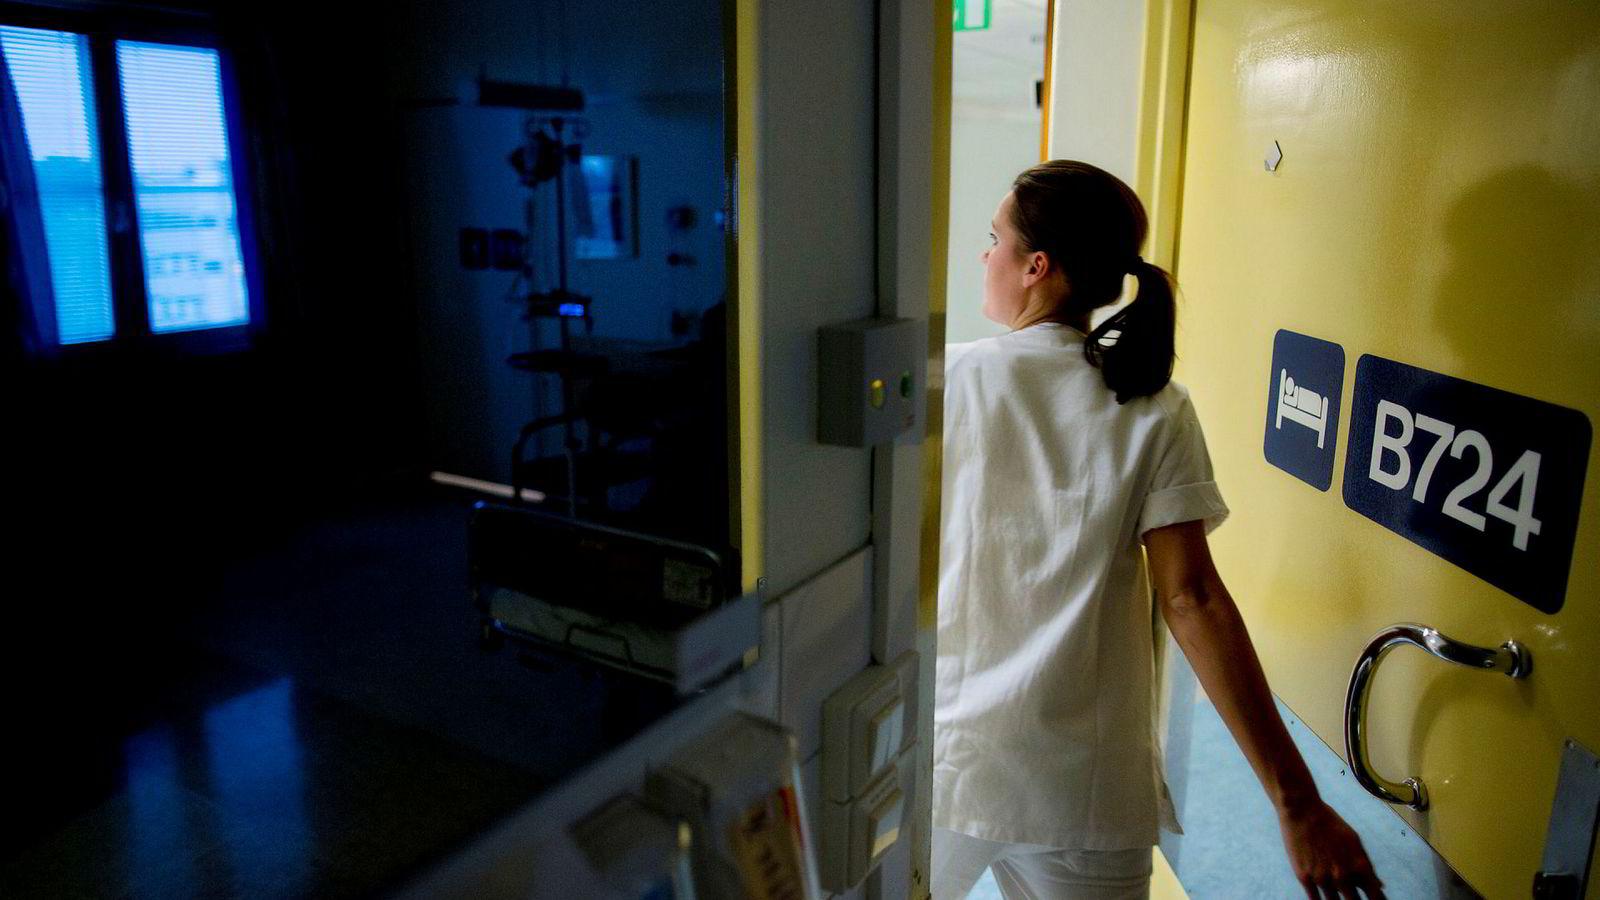 Oppslagene i pressen om sykepleiere som ikke får godkjent utenlandsk utdannelse og må innom Sverige for å få godkjent nøyaktig den samme utdannelsen, fordi svenskene da har godkjent den, gir grunnlag for tvil.